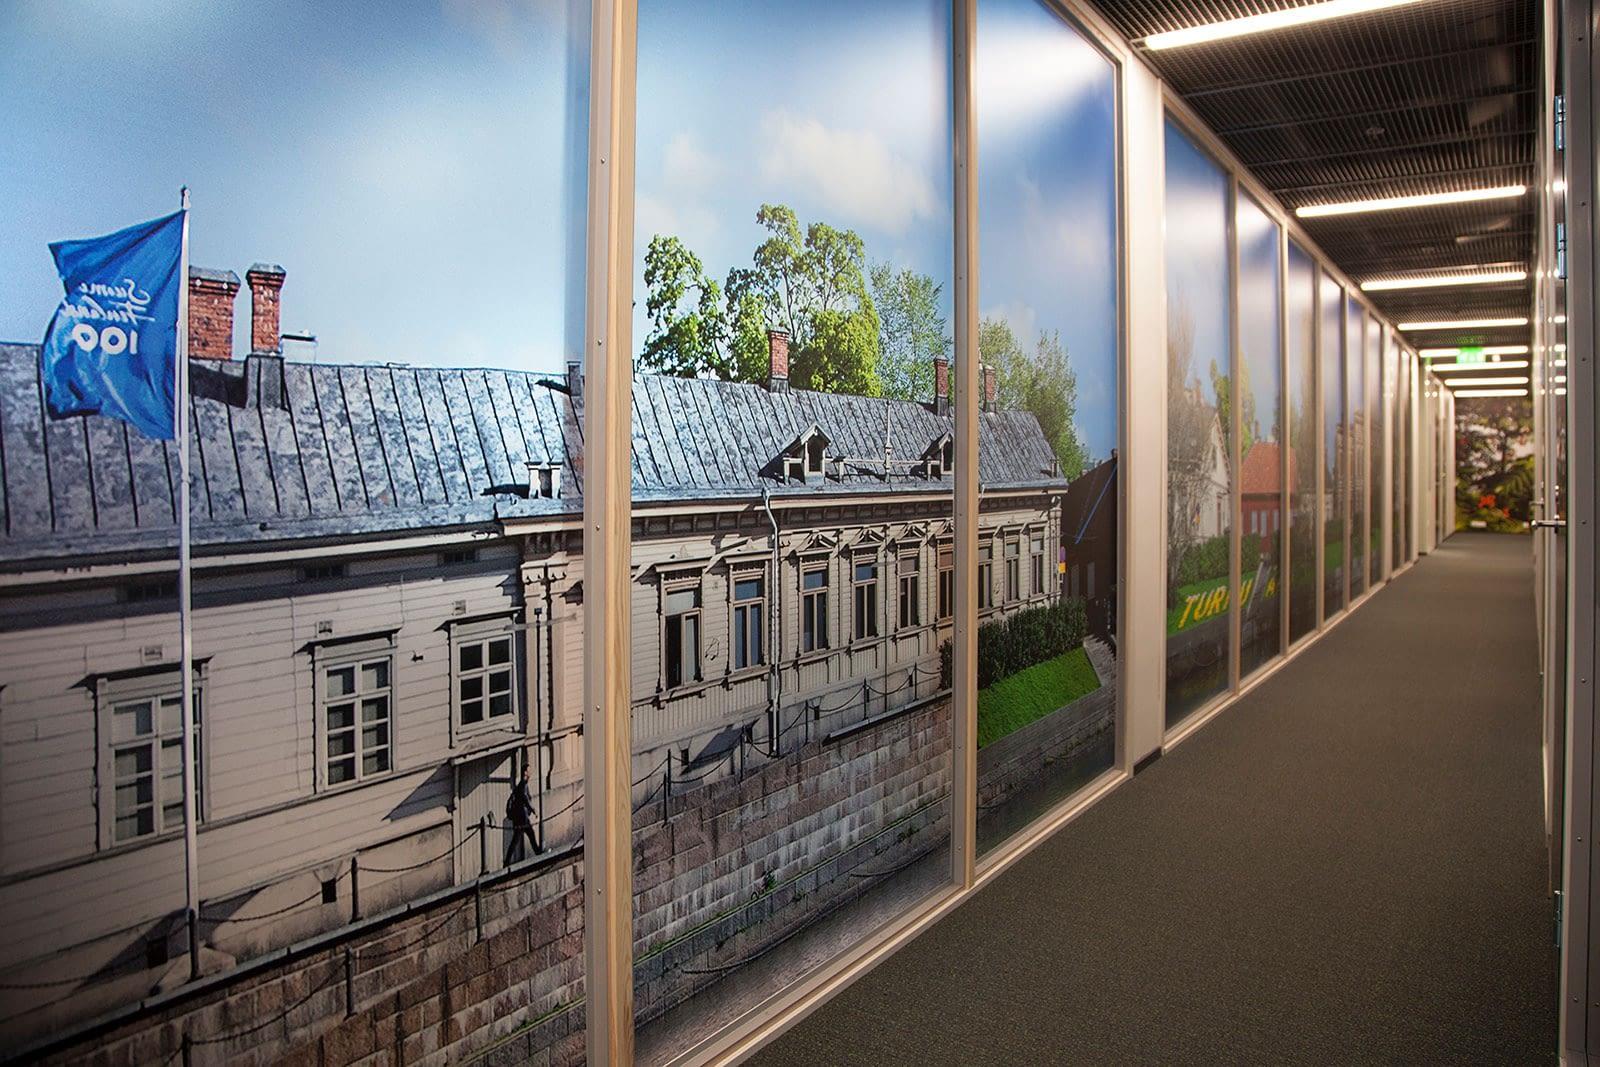 valokuvatulosteella teipatut isot ikkunat